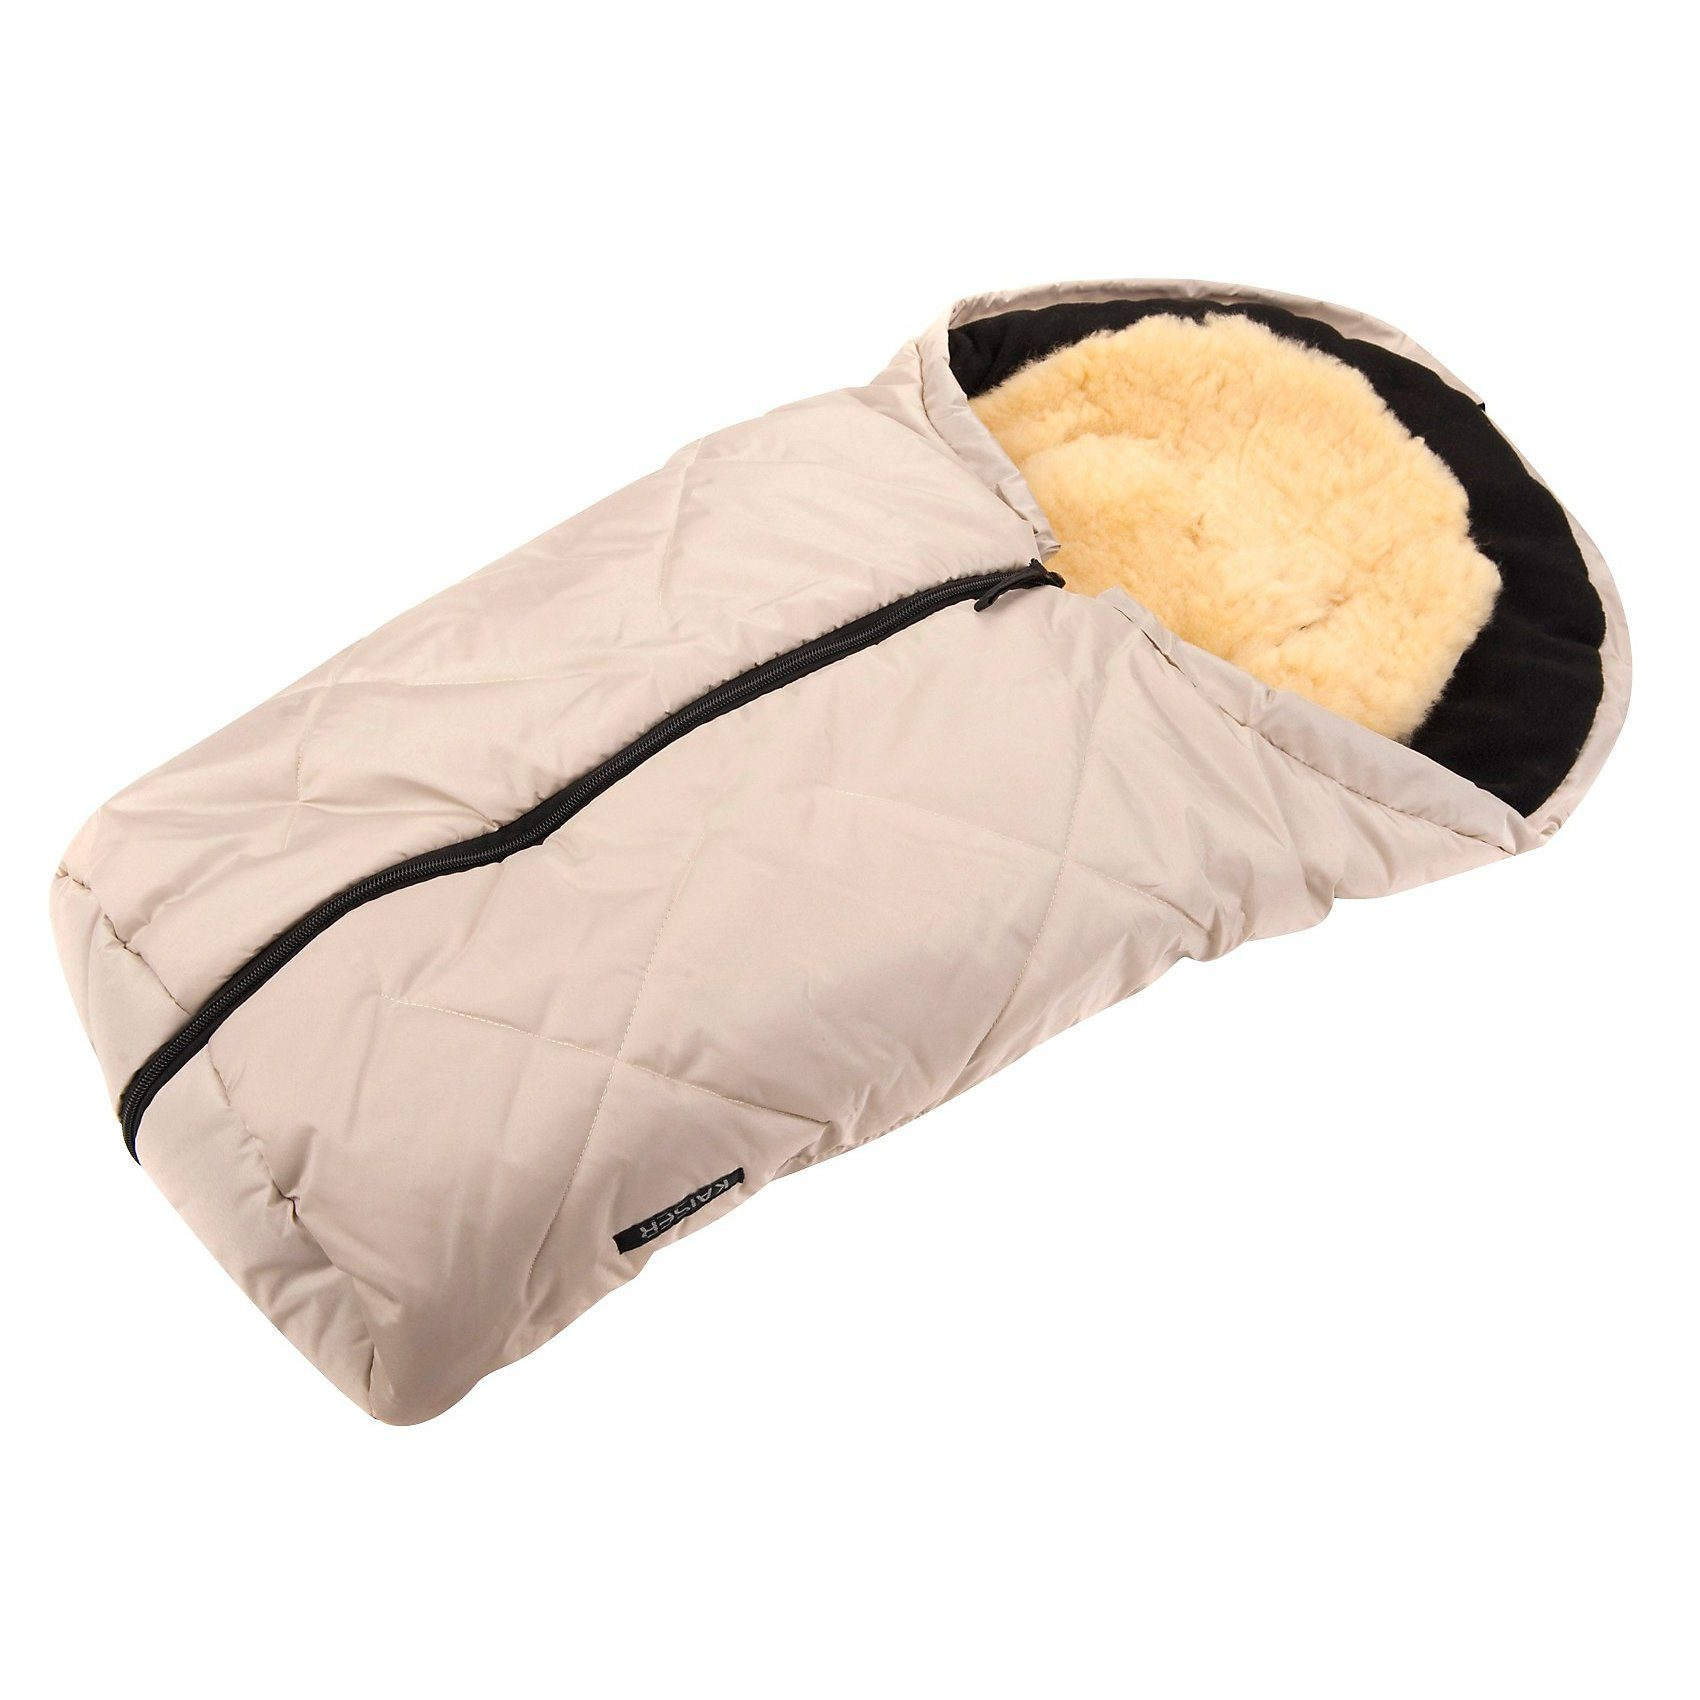 Kaiser Fußsack für Babyschale Little Sheepy, mit Lammfelleinlage, s